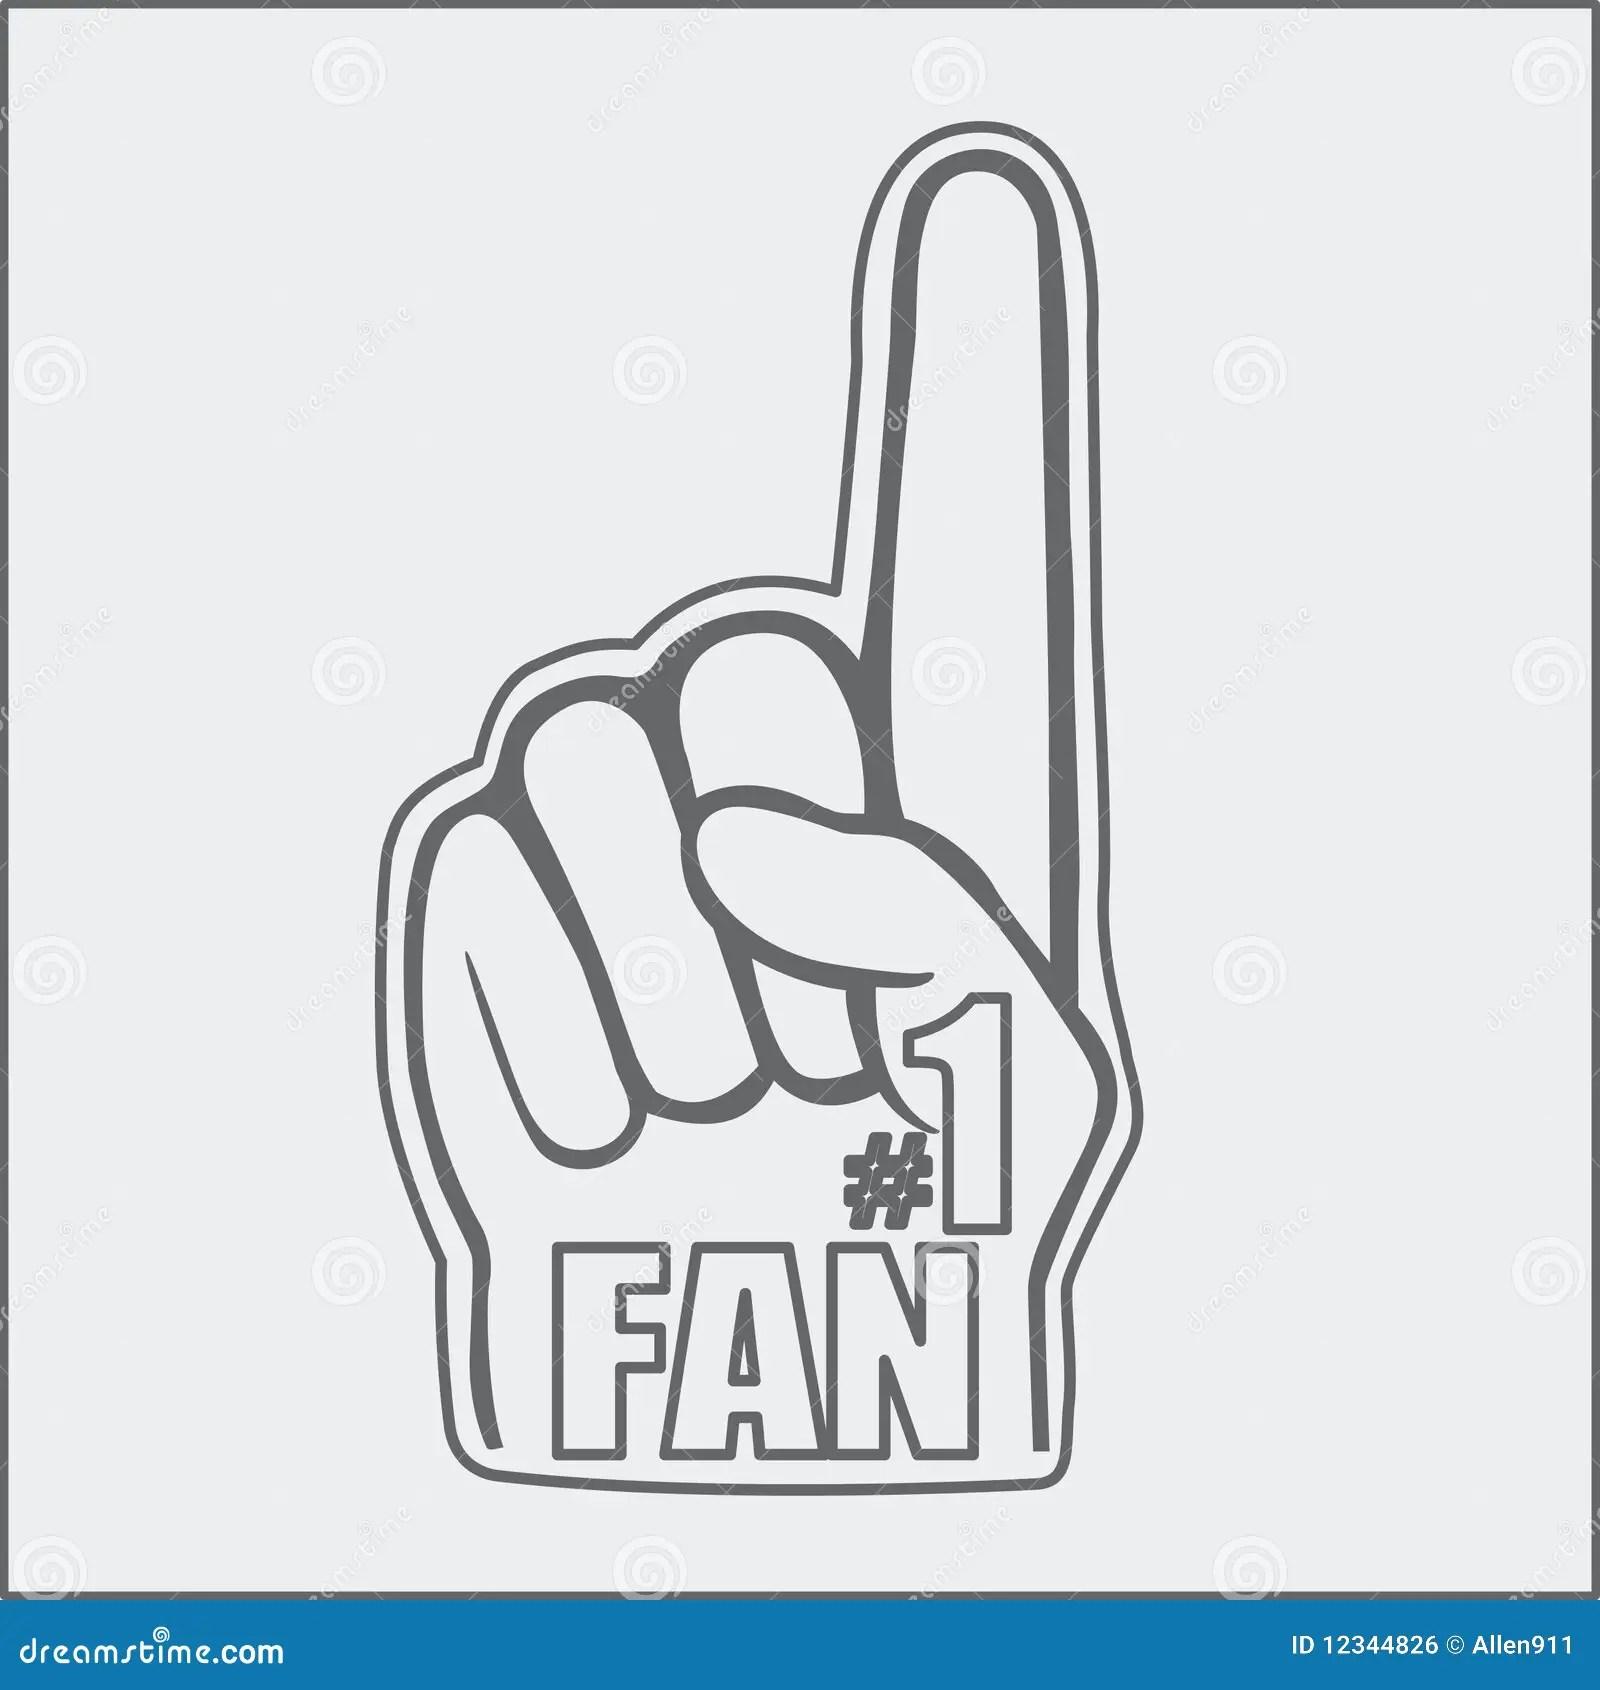 Foam Fan Hand Drawing Royalty Free Stock Image